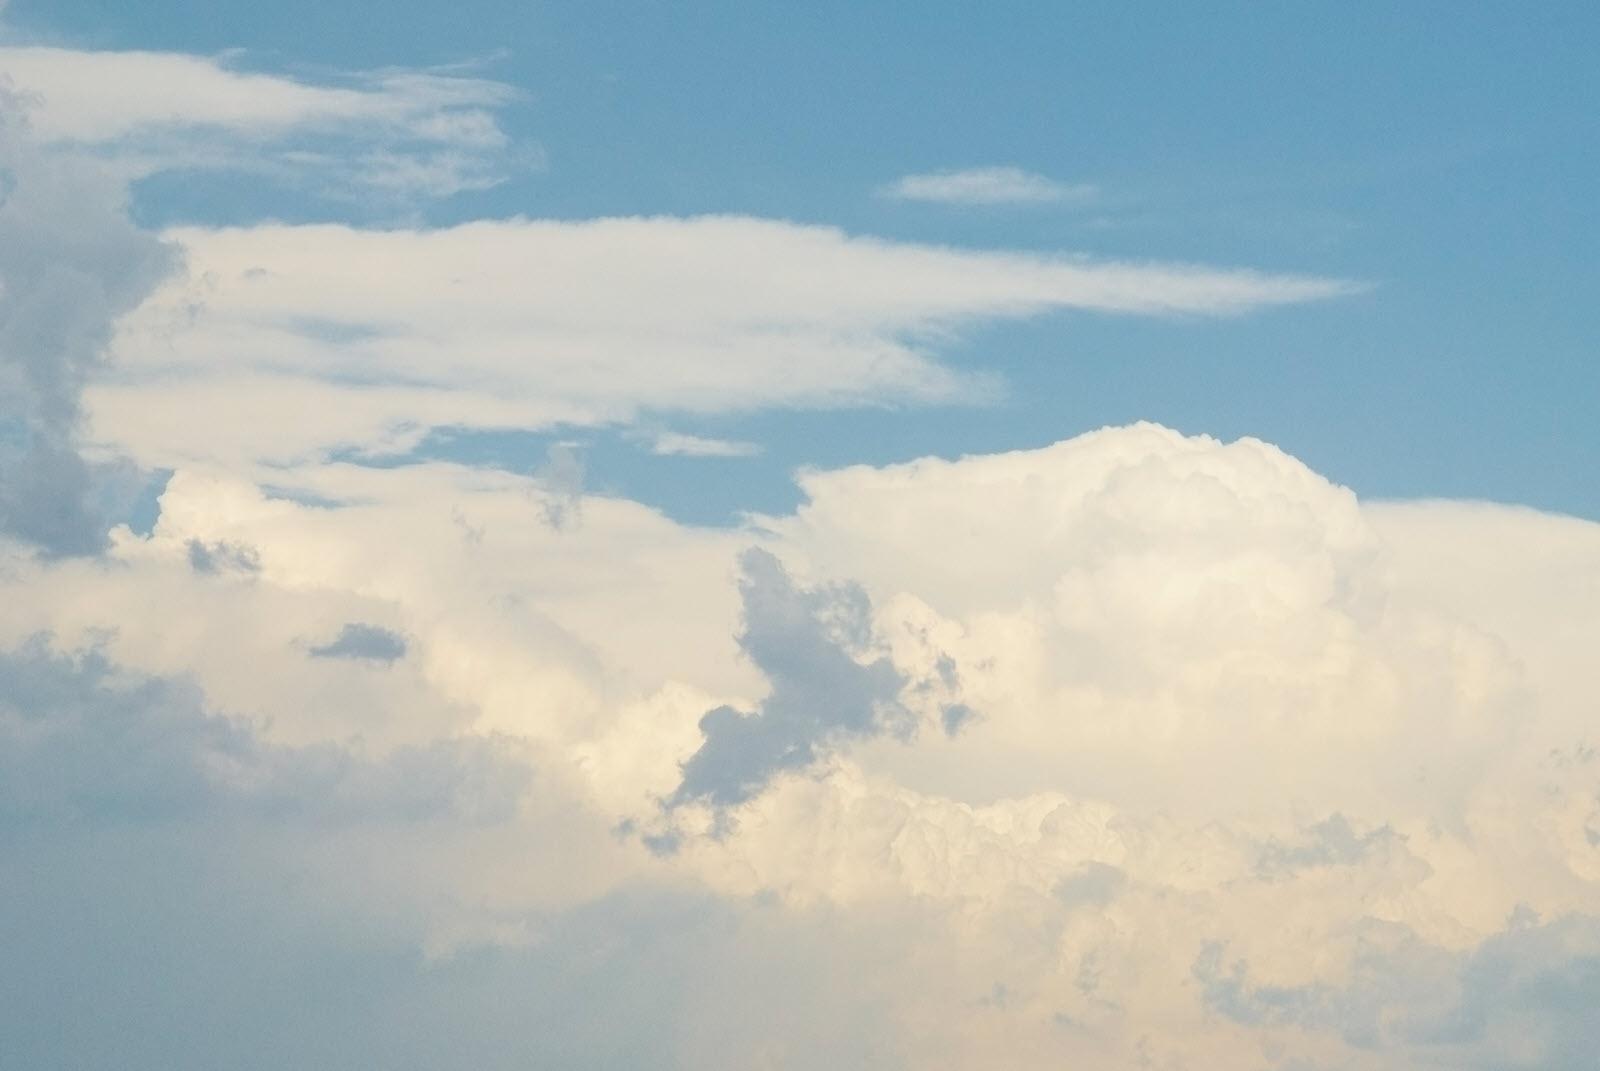 Nền background mây ngày nắng